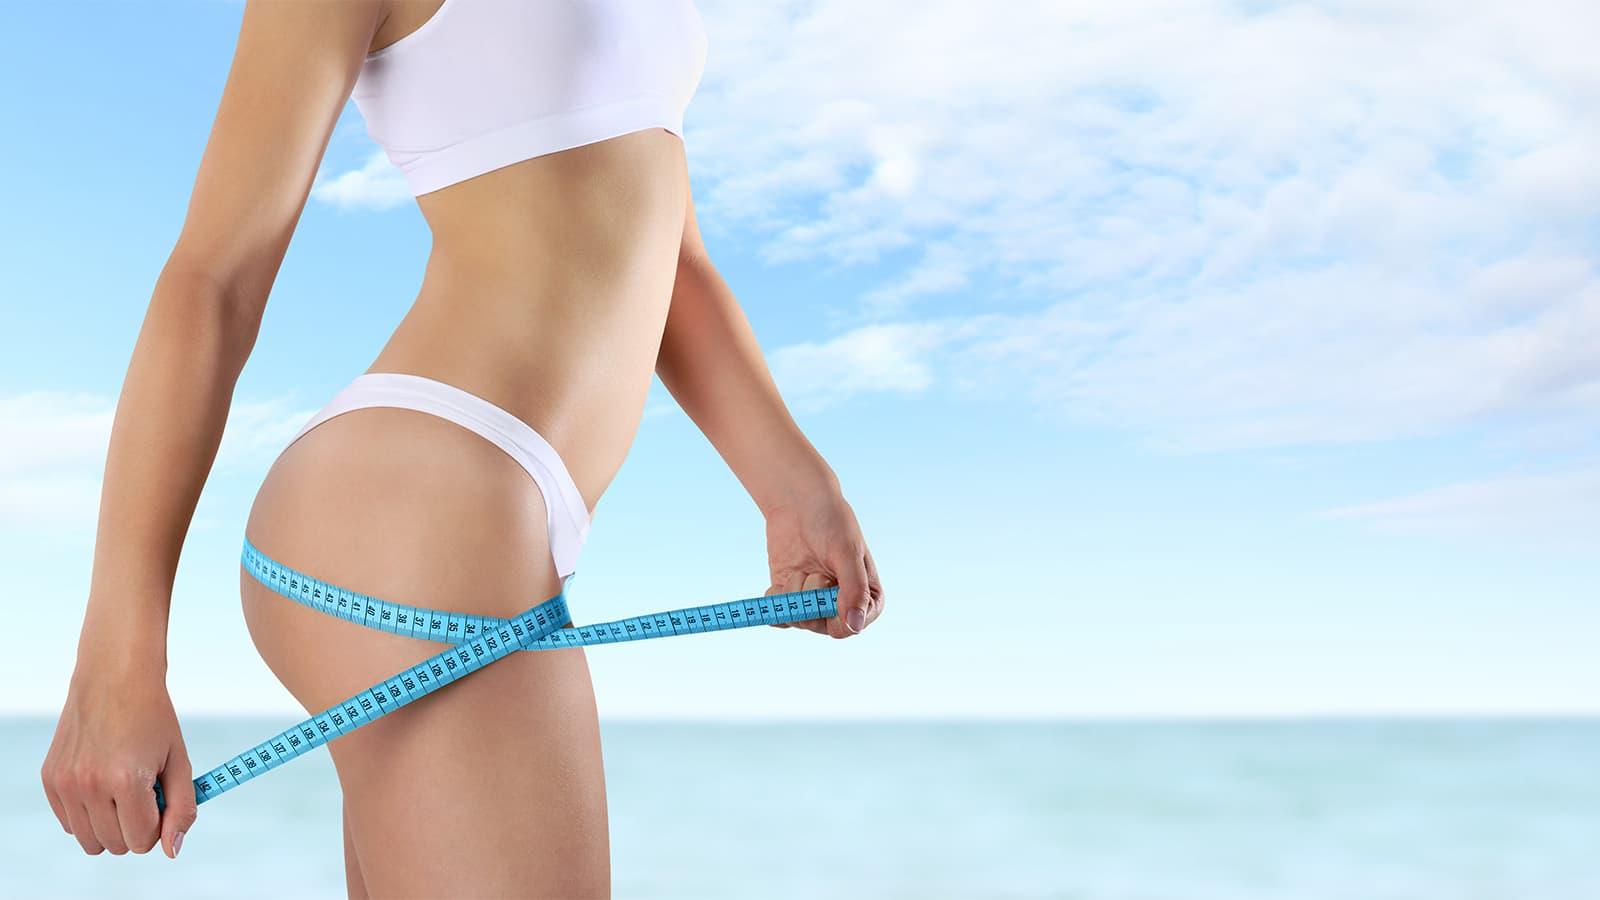 súlyos súlycsökkentési kritériumok